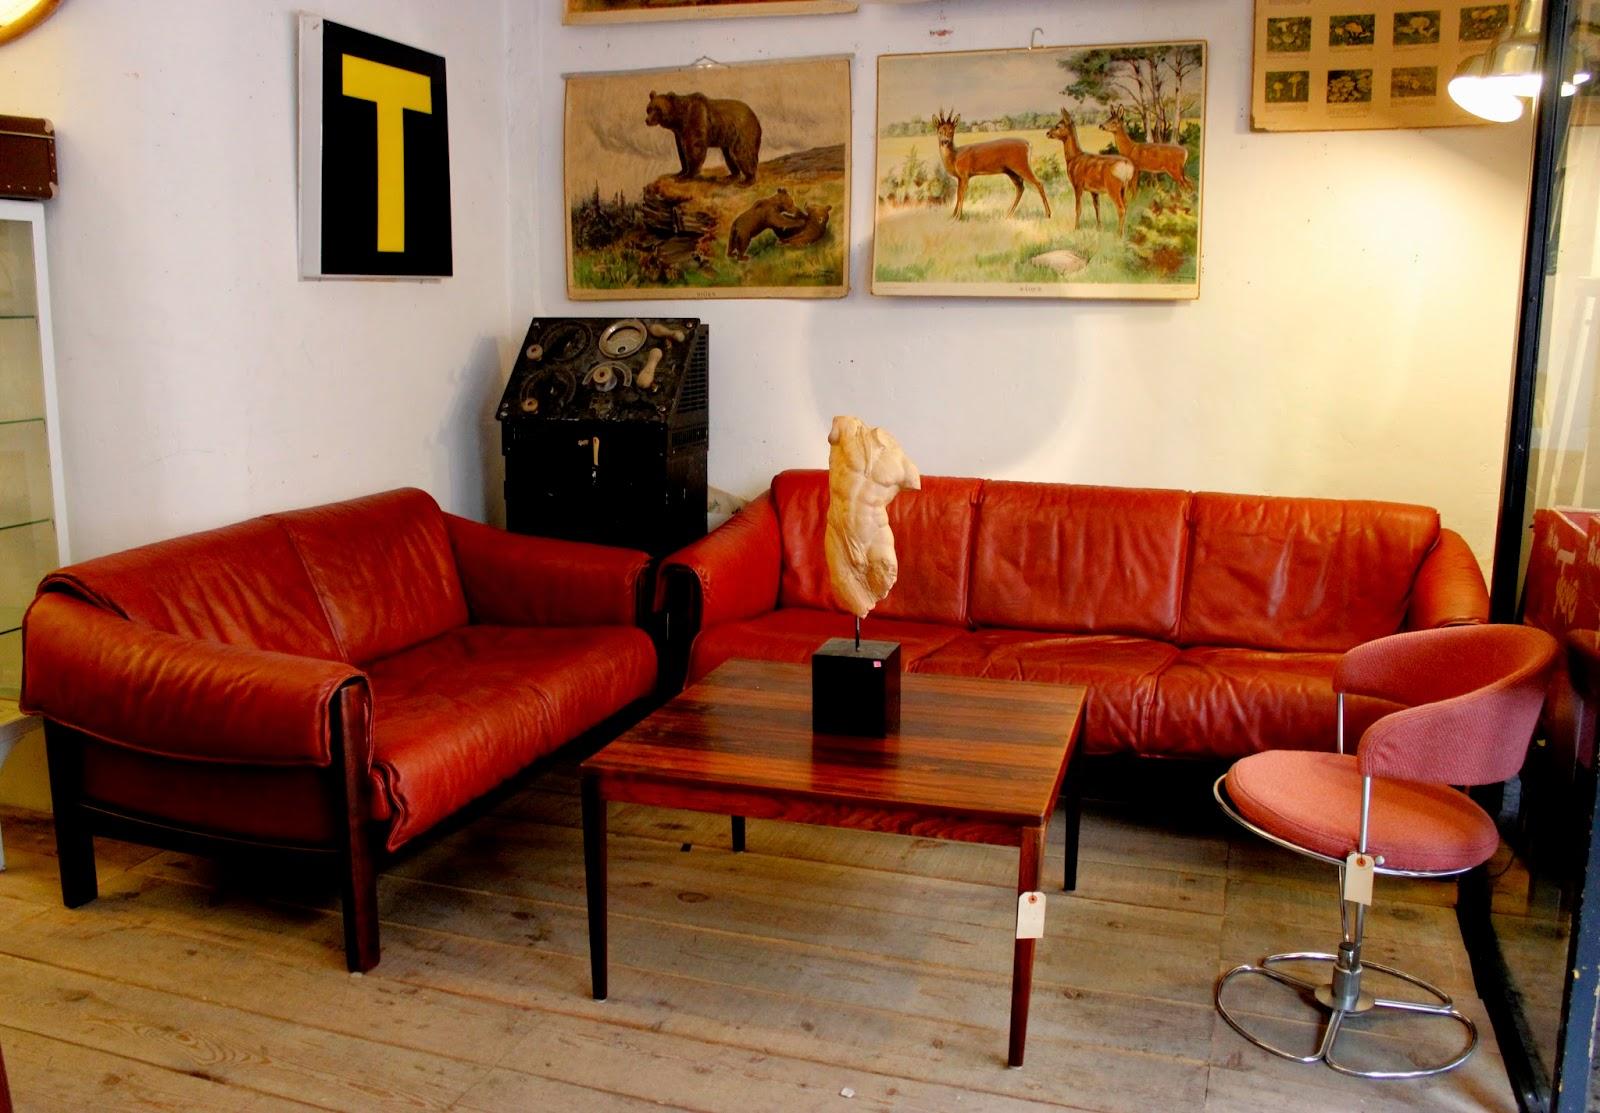 Tienda de muebles madrid gallery of auxiliar with tienda for Muebles economicos madrid